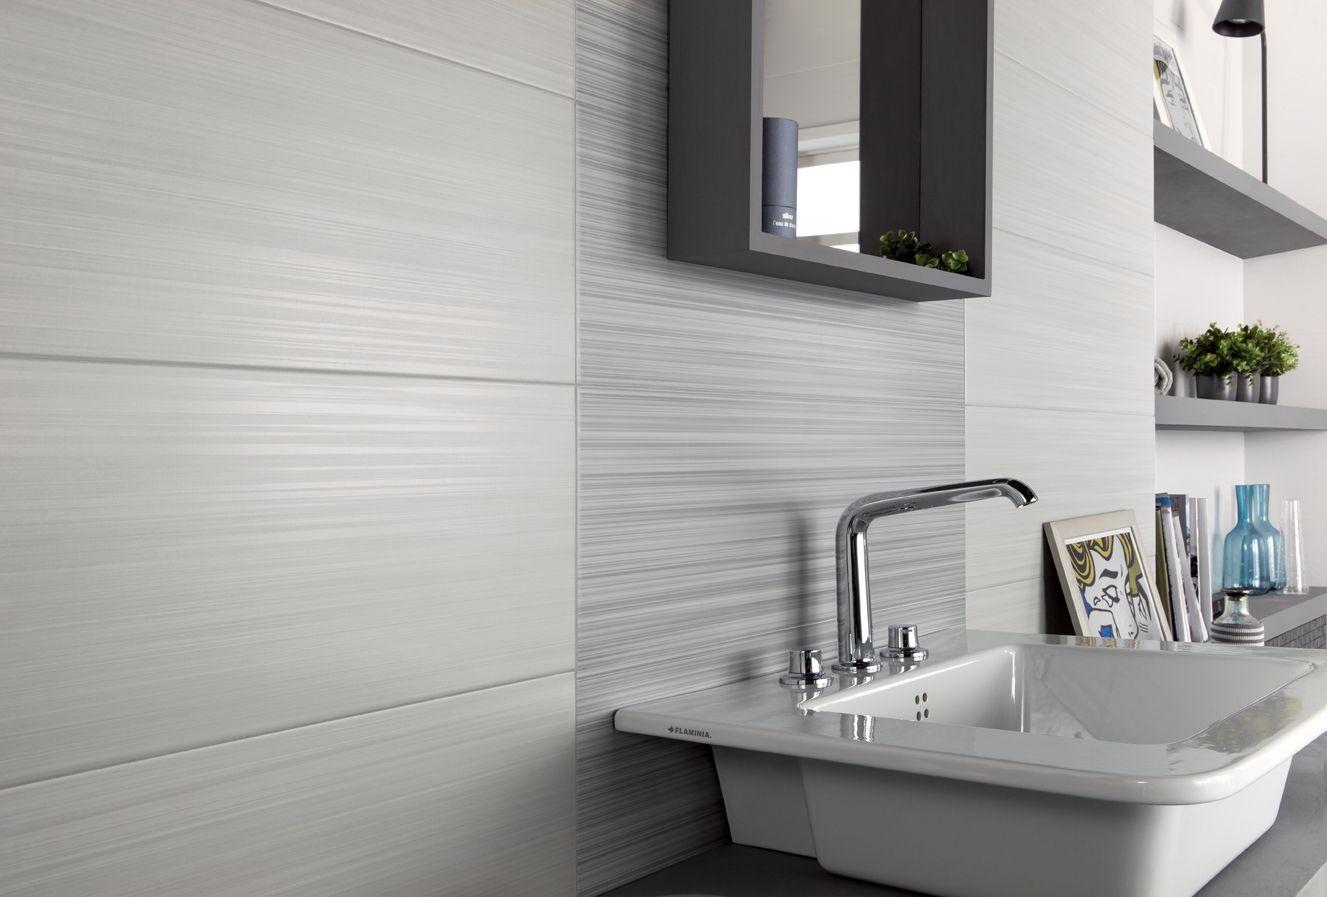 Piastrelle bagno linea dress up dettaglio decoro stripes - Rivestimenti piastrelle bagno ...